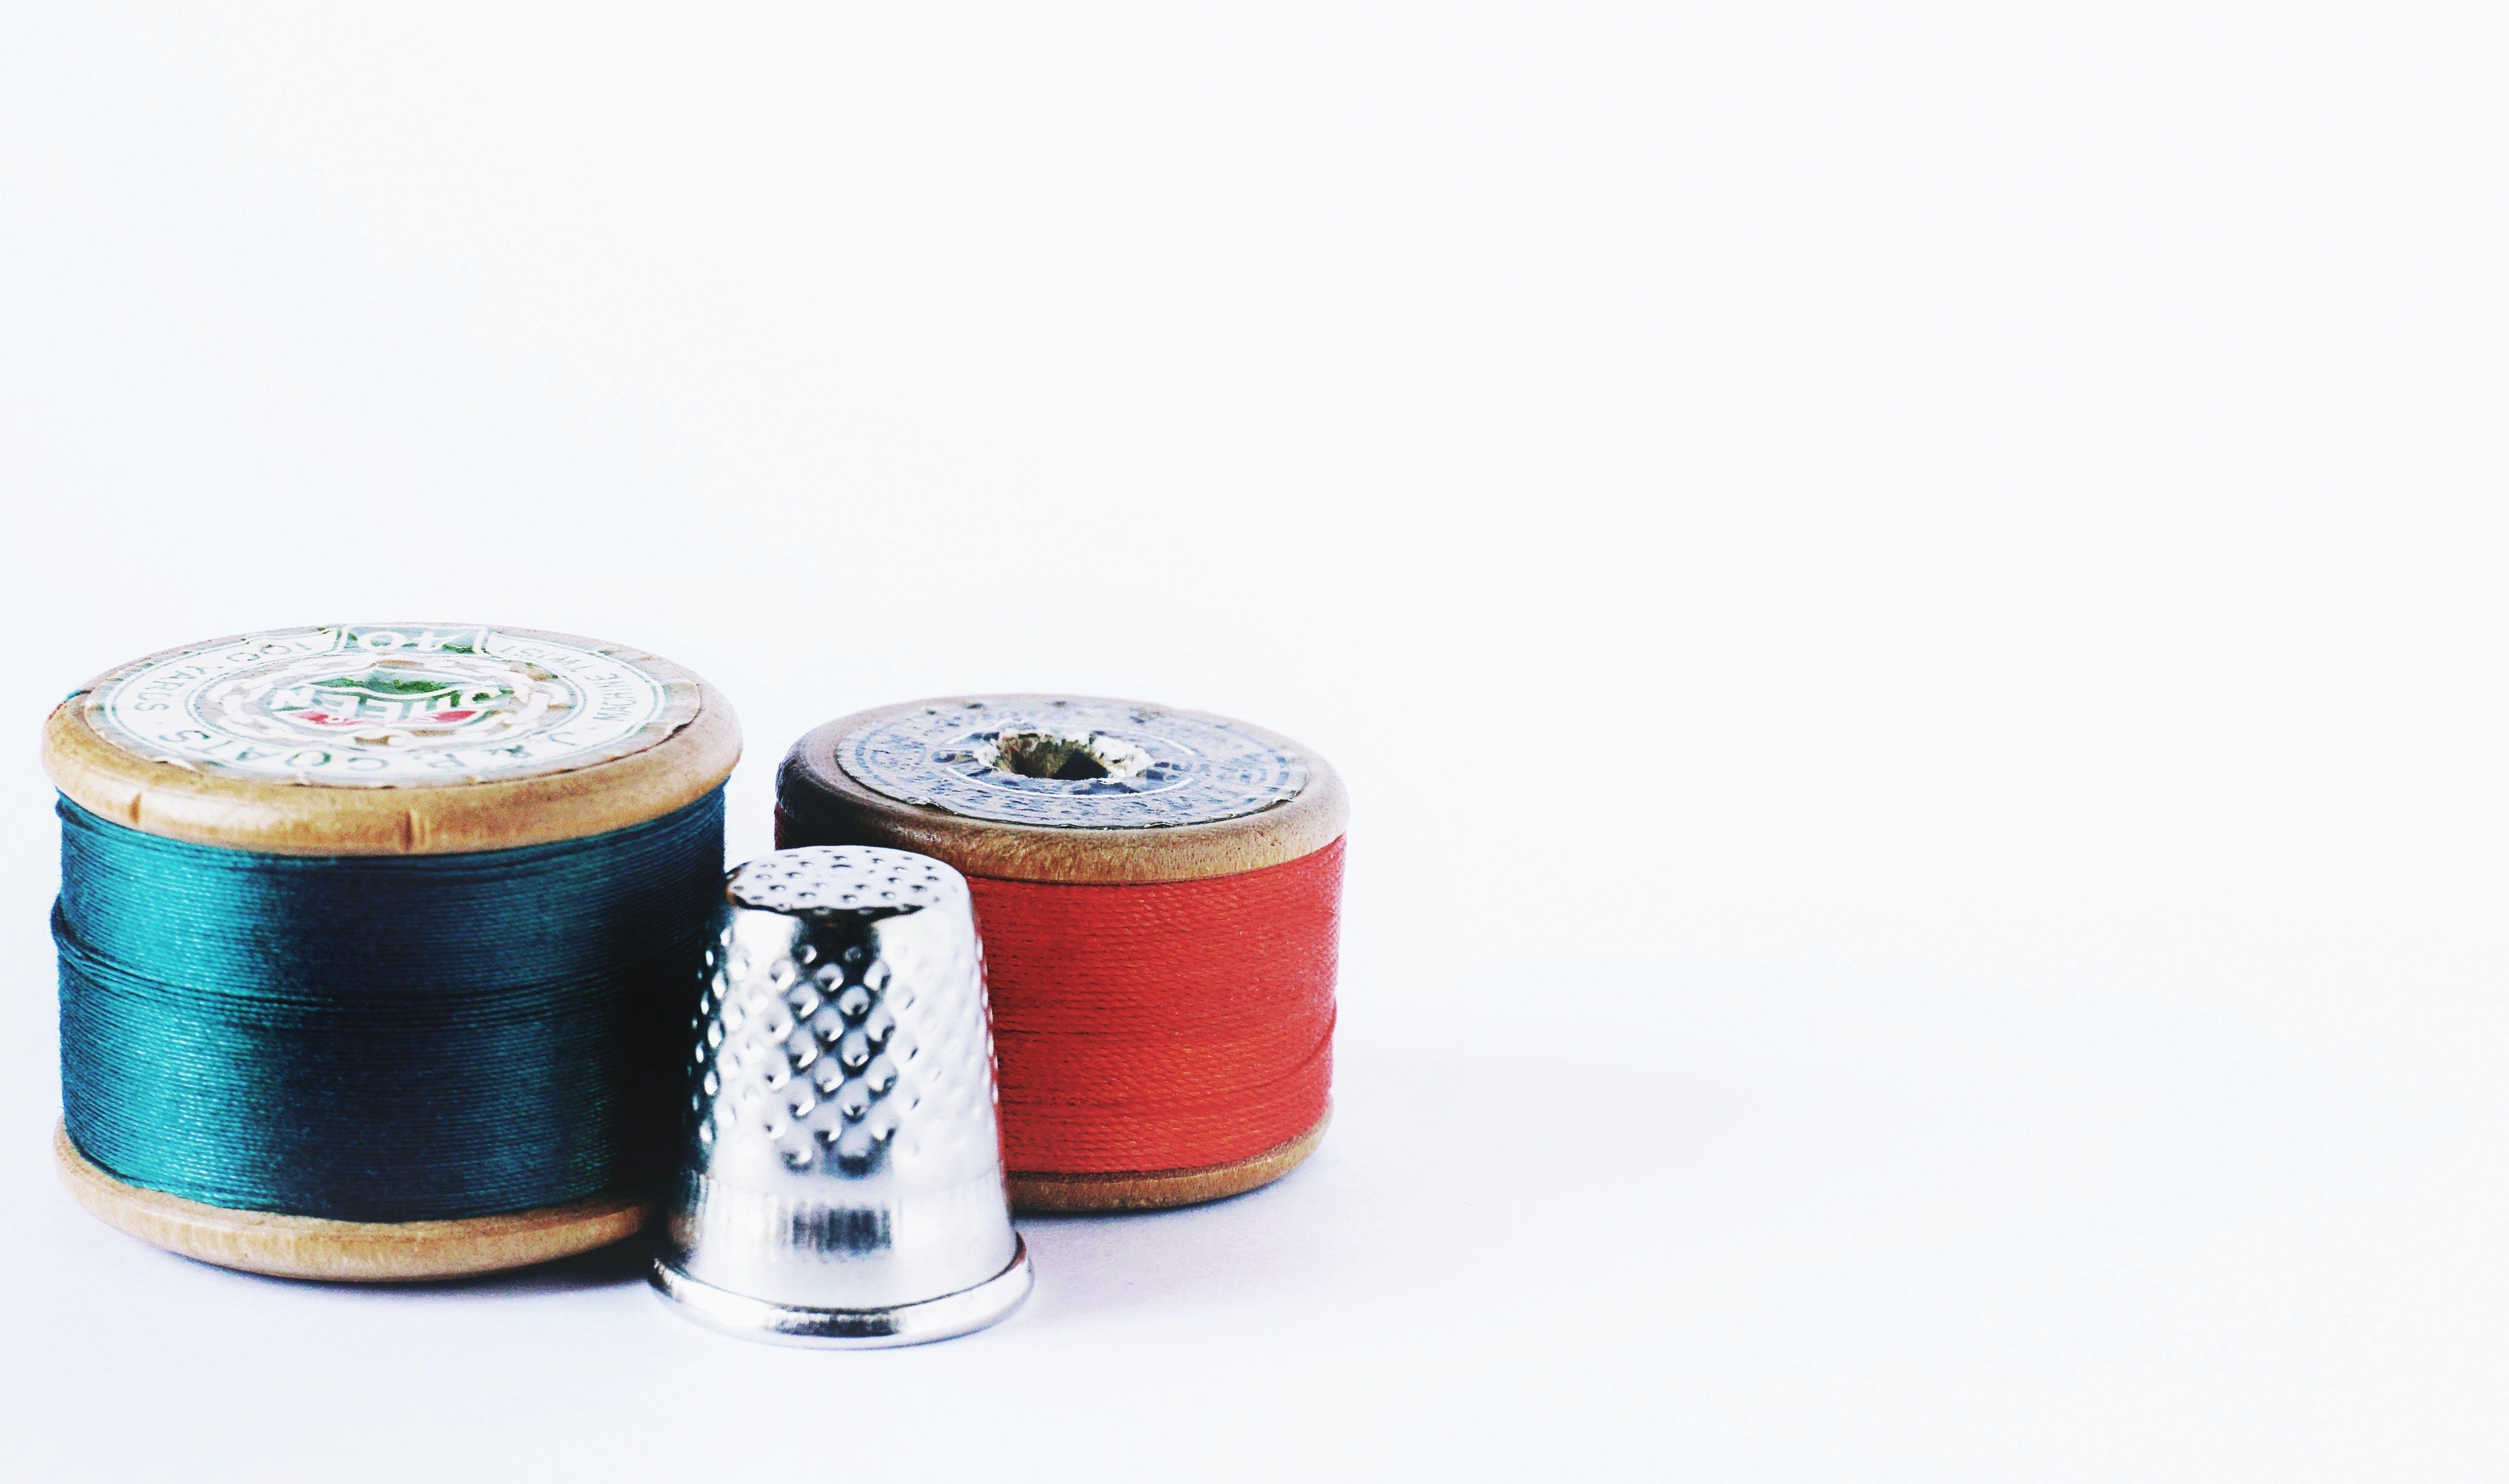 Gratis lagerfoto af håndværk, mode, syning, sytråde